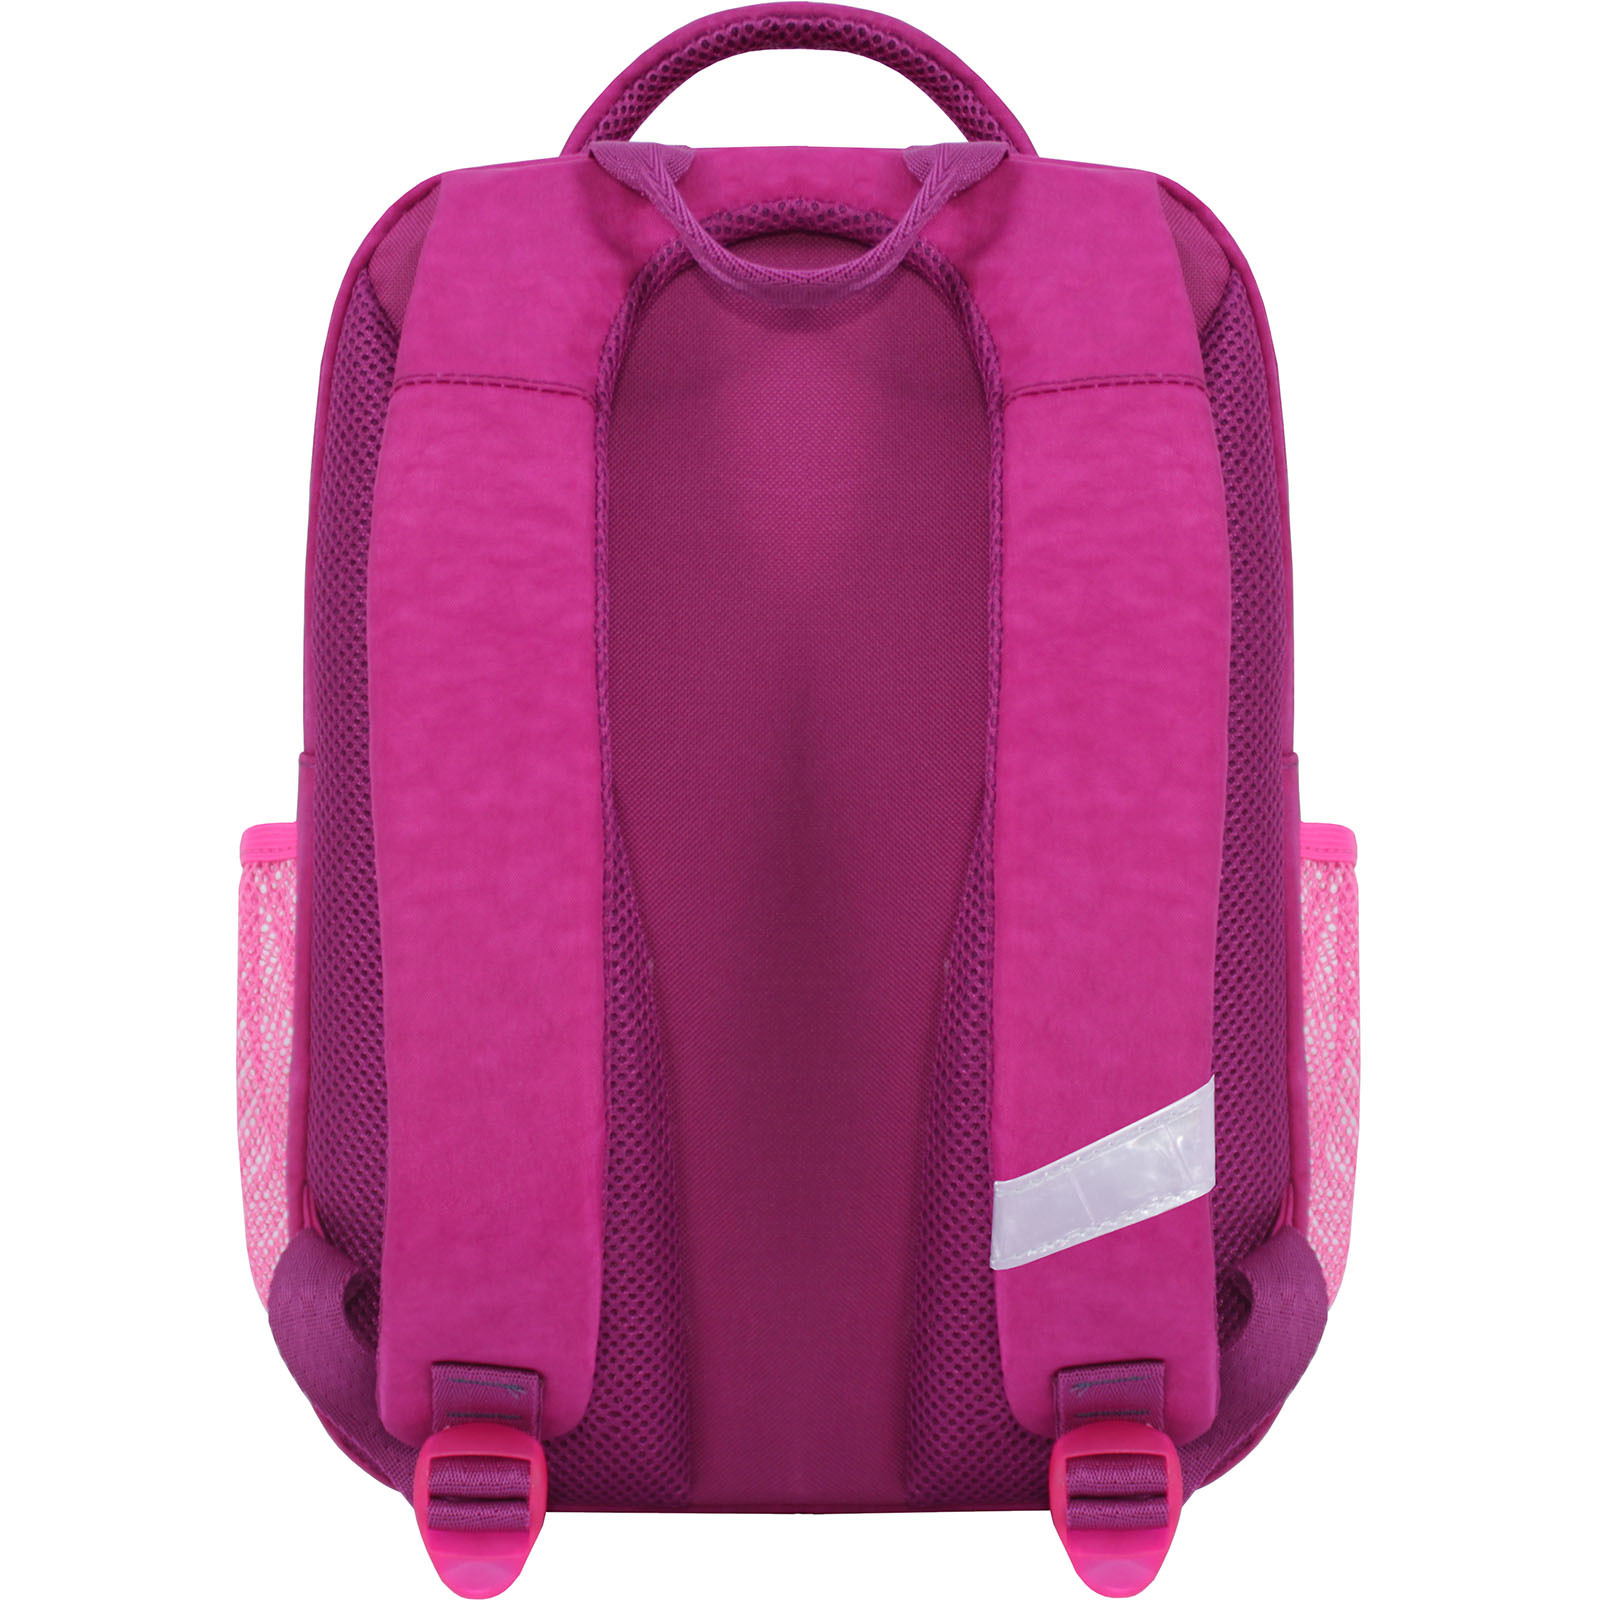 Рюкзак школьный Bagland Школьник 8 л. 143 малиновый 593 (0012870) фото 3